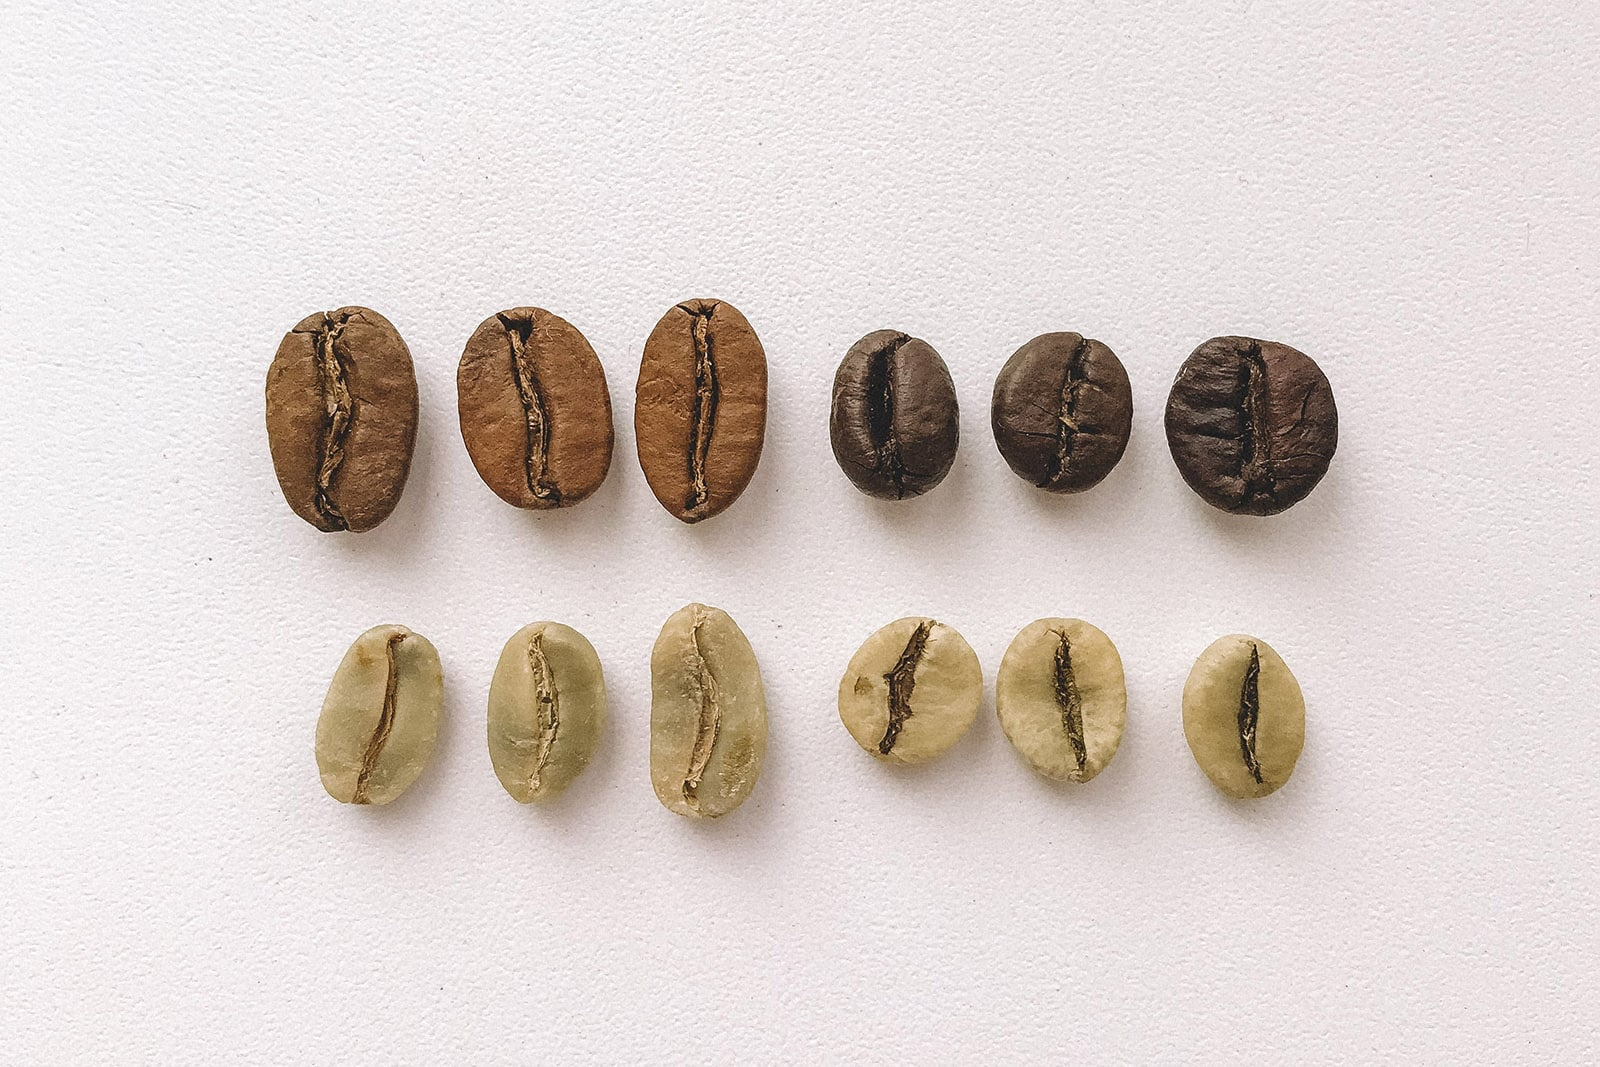 Какой сорт кофе полезнее арабика или робуста?